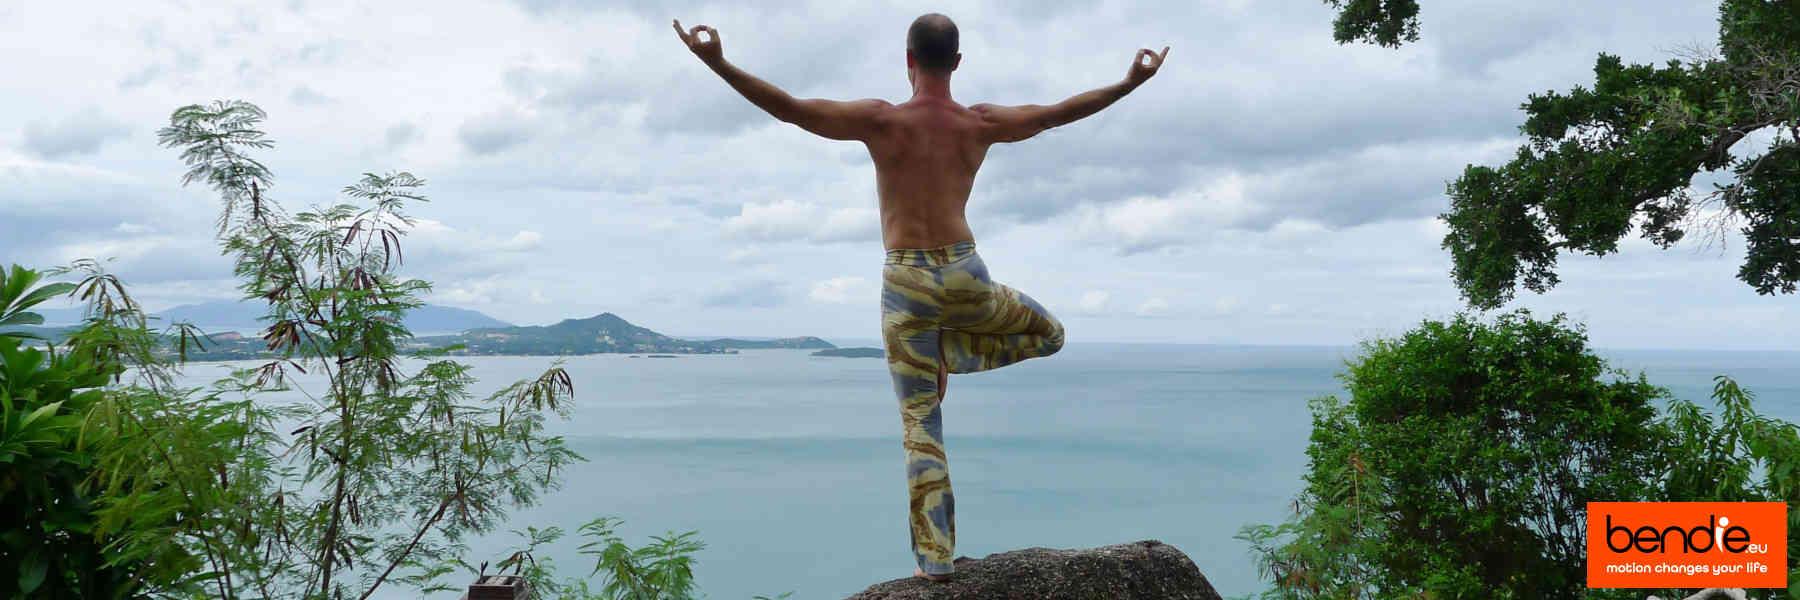 Informatie over Bendie. Staand op een rotsblok, de zee overkijkend in yoga houding.